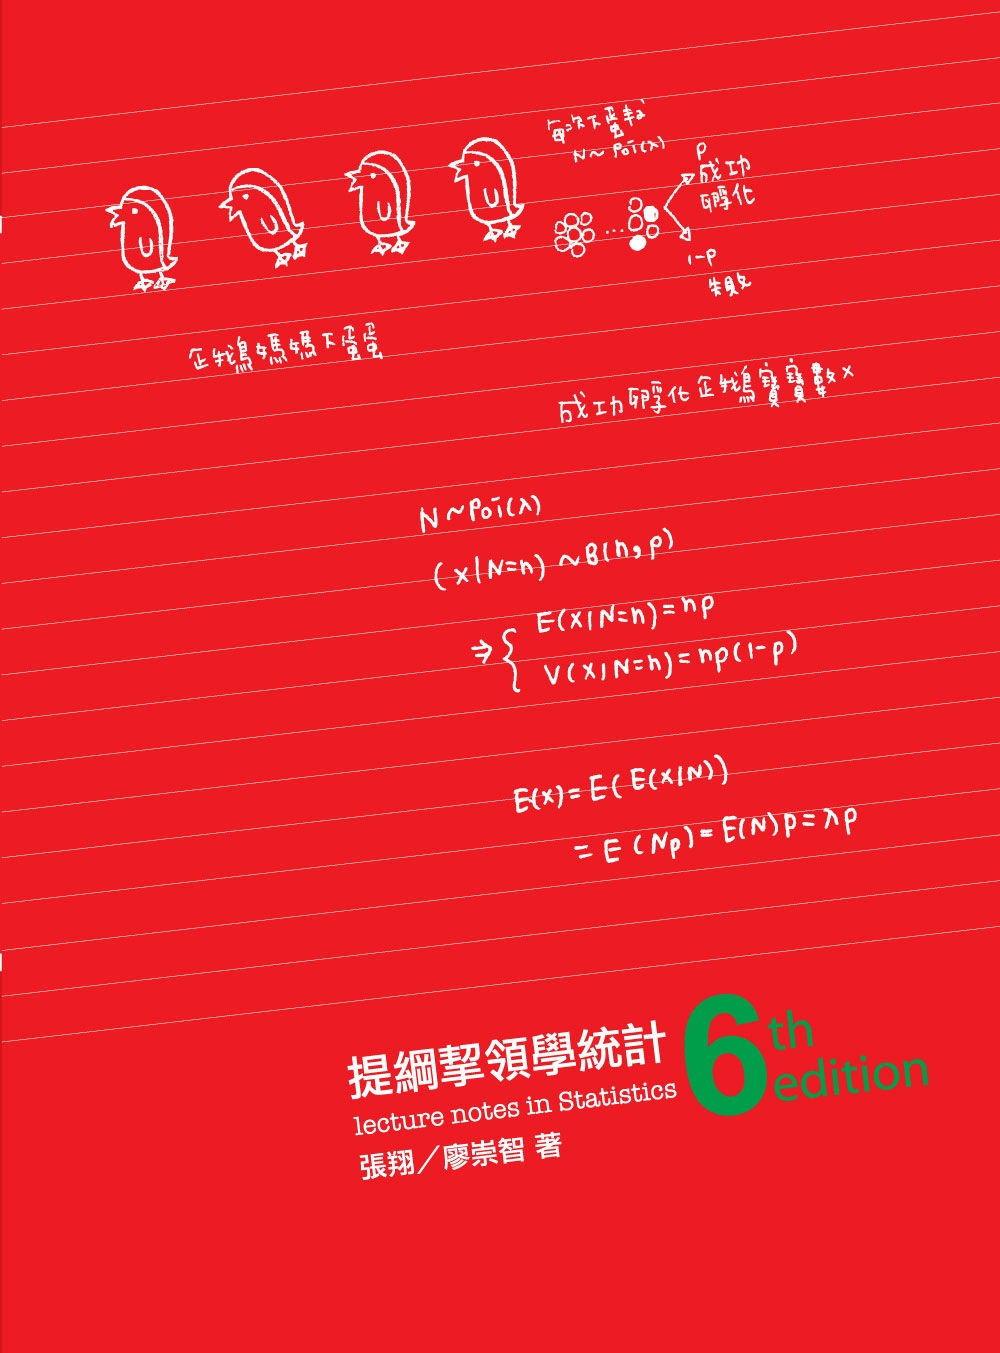 提綱挈領學統計(6版)